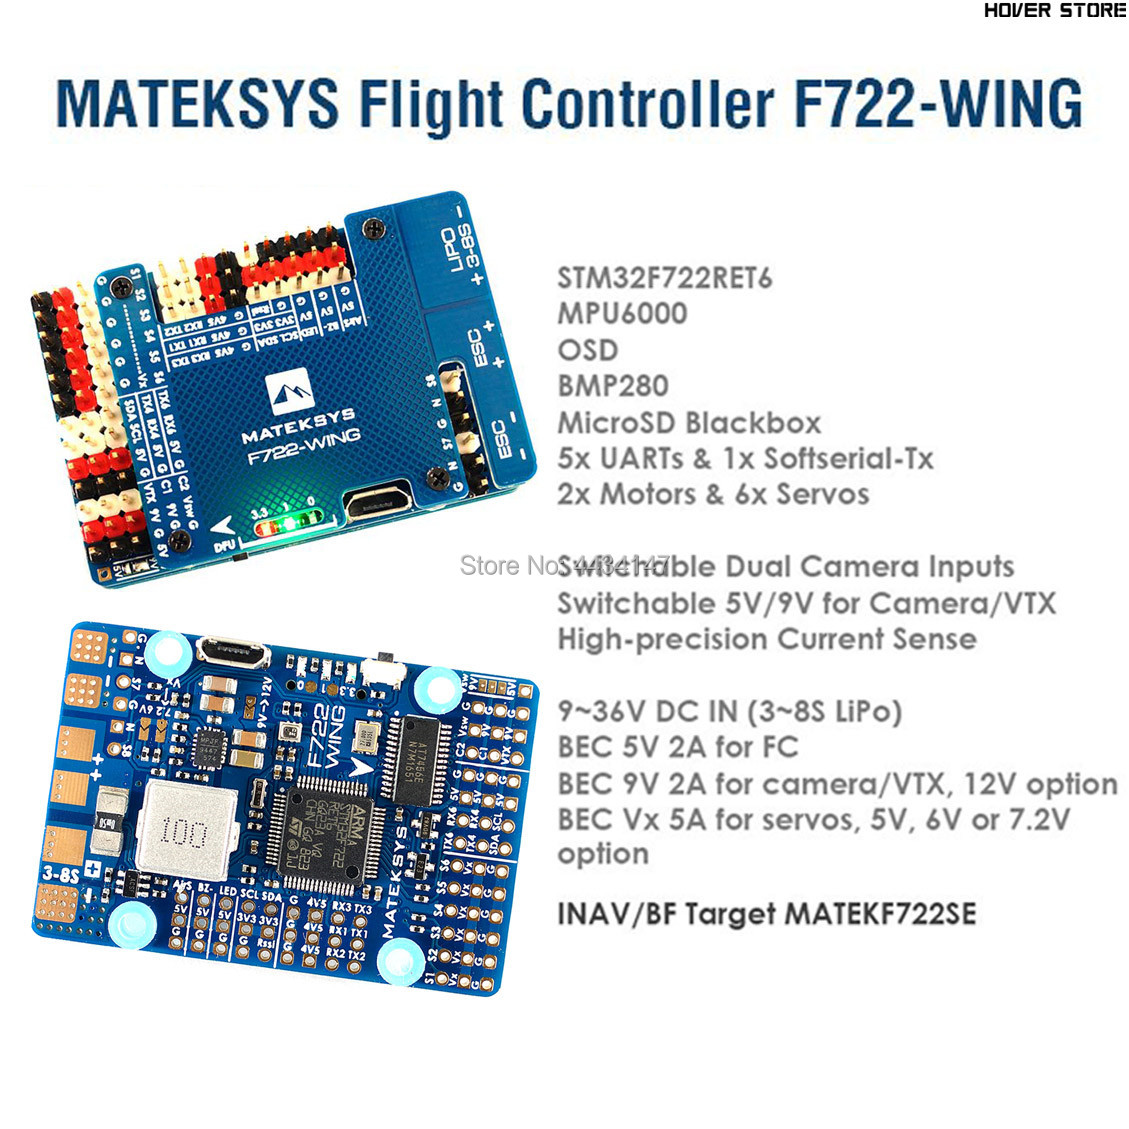 Sistemi di Matek Mateksys F722 WING Controllore di Volo F722 ala FC con PDB Supporto 3 ~ 6 S Fly Ala Ad Ala Fissa-in Componenti e accessori da Giocattoli e hobby su  Gruppo 1